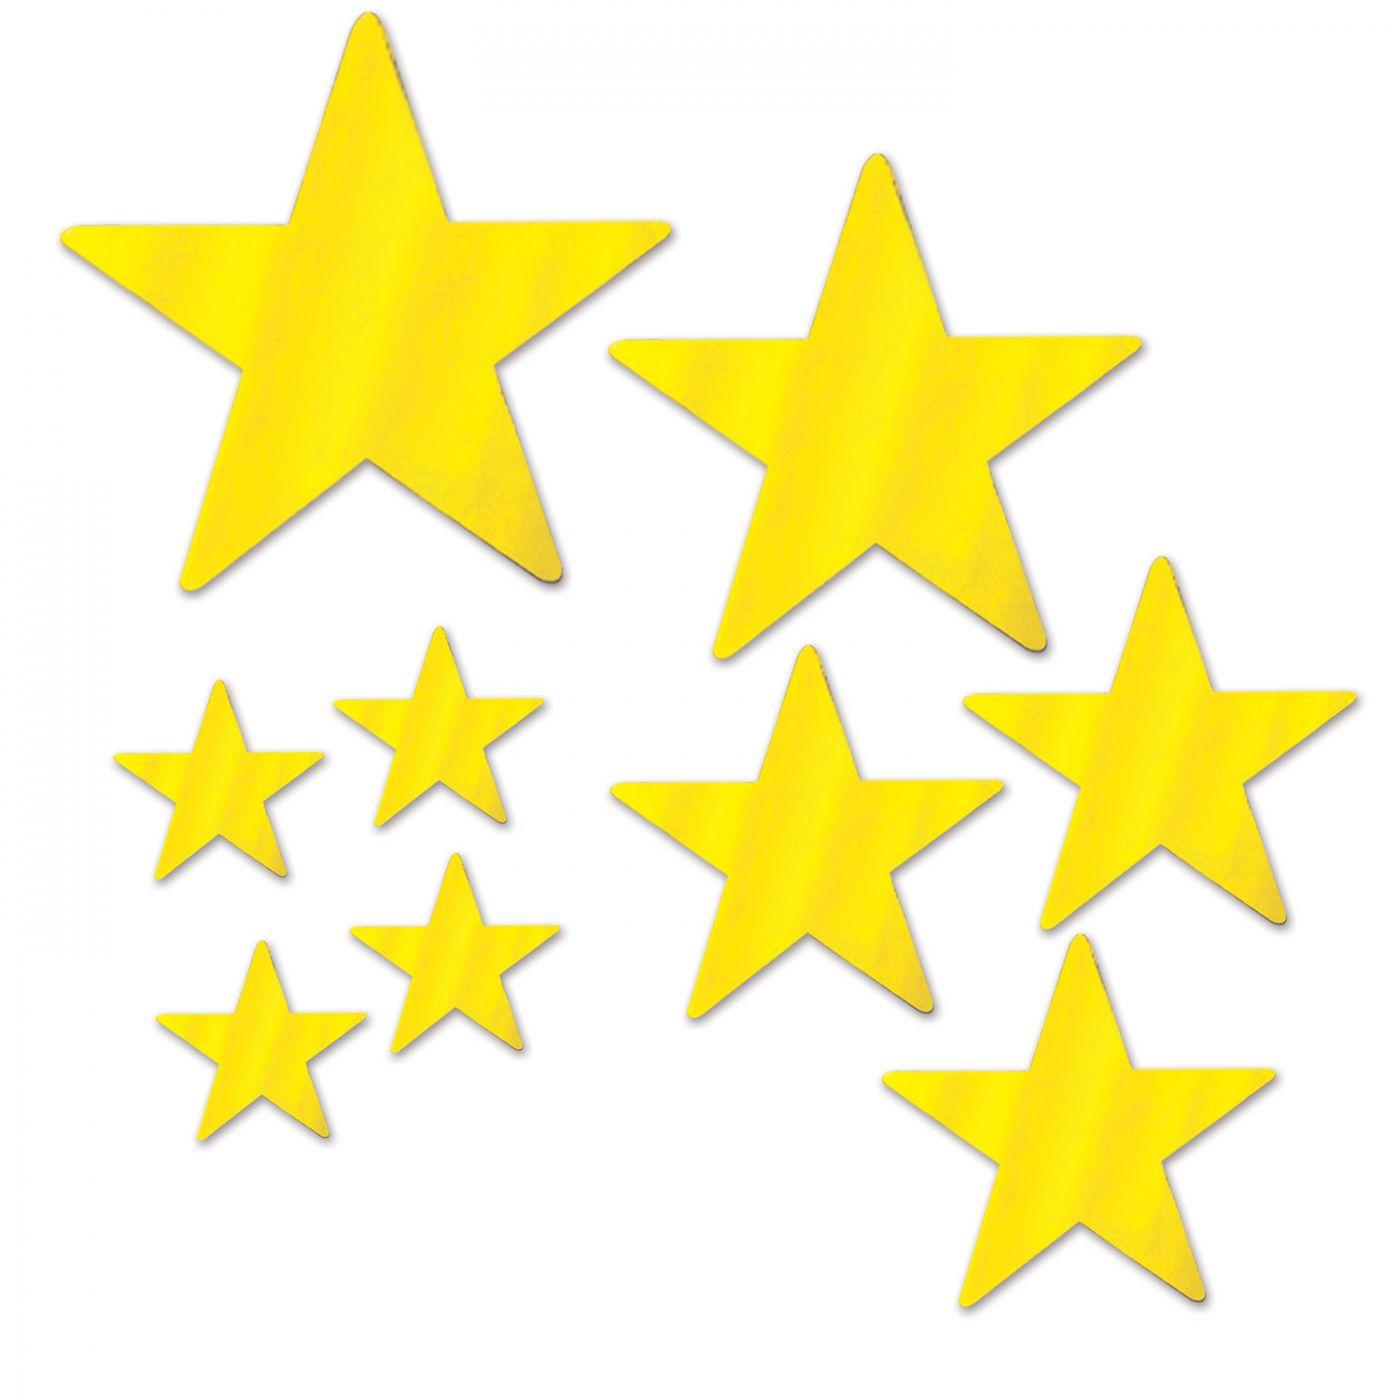 Pkgd Foil Star Cutouts image